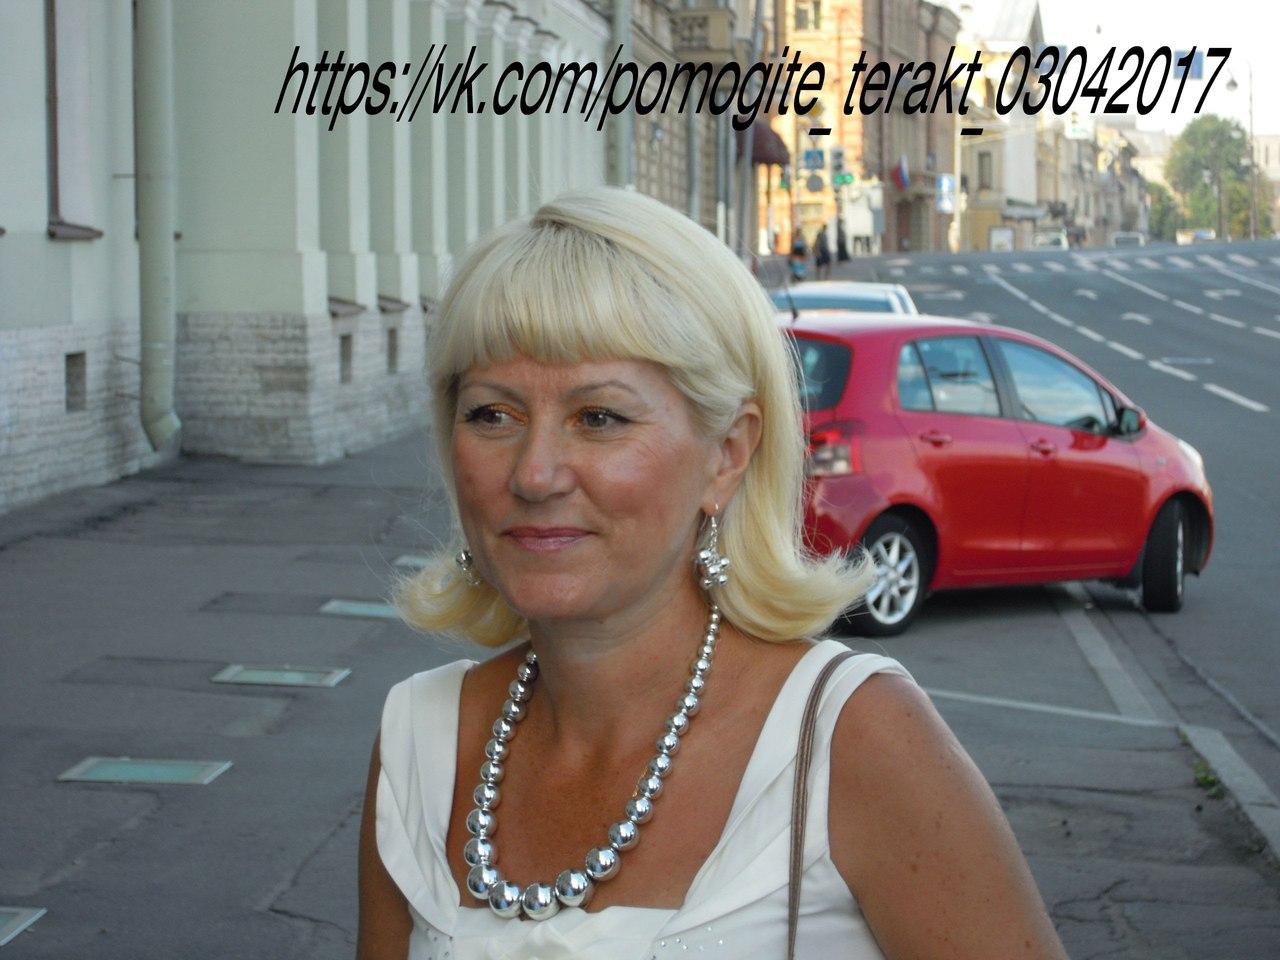 Митрофанова Наталья Владимировна - взрыв в Петербурге